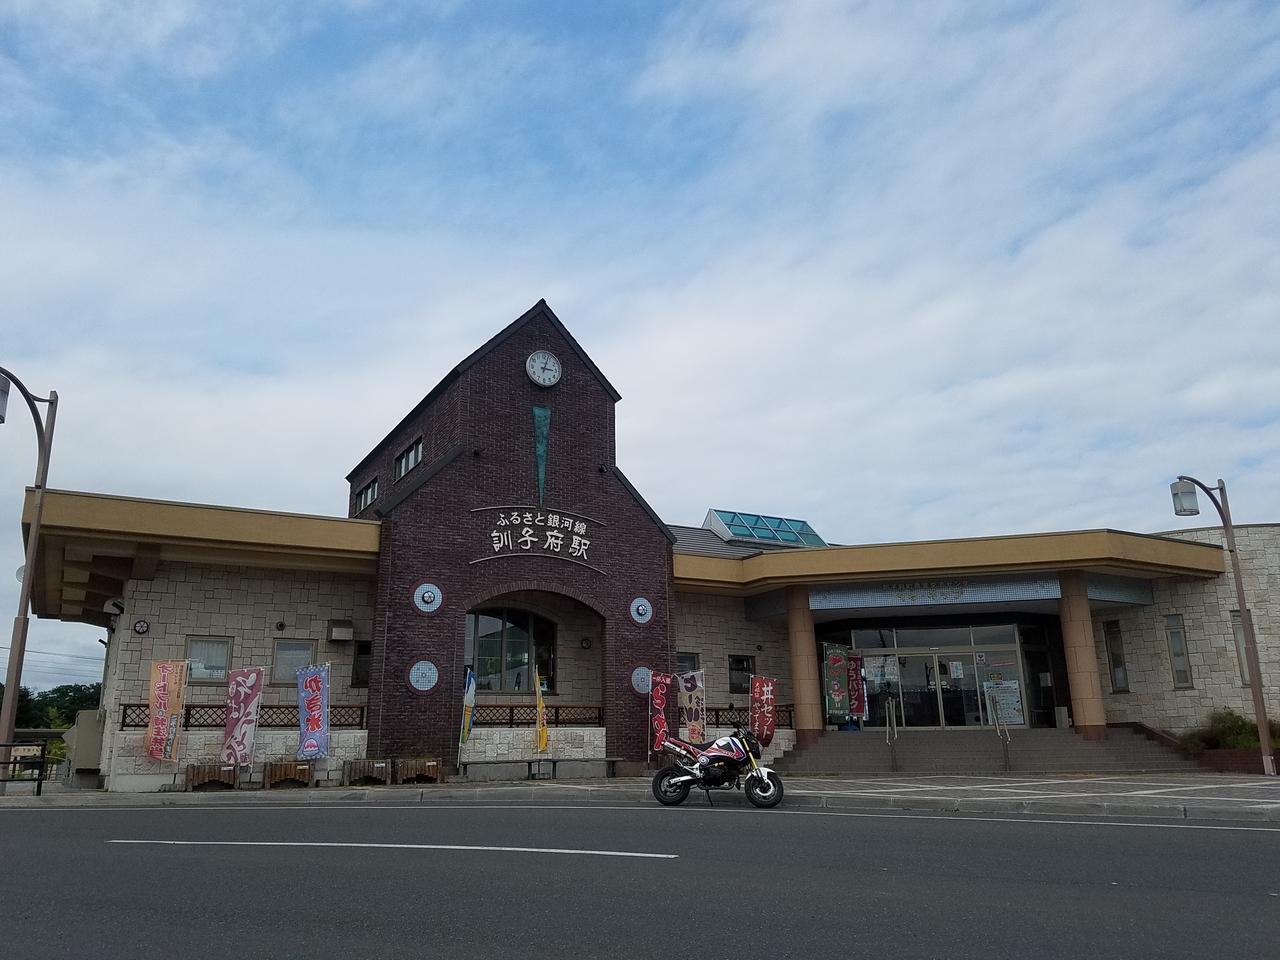 画像: 北海道ちほく高原鉄道ふるさと銀河線(2006年廃線)の訓子府駅